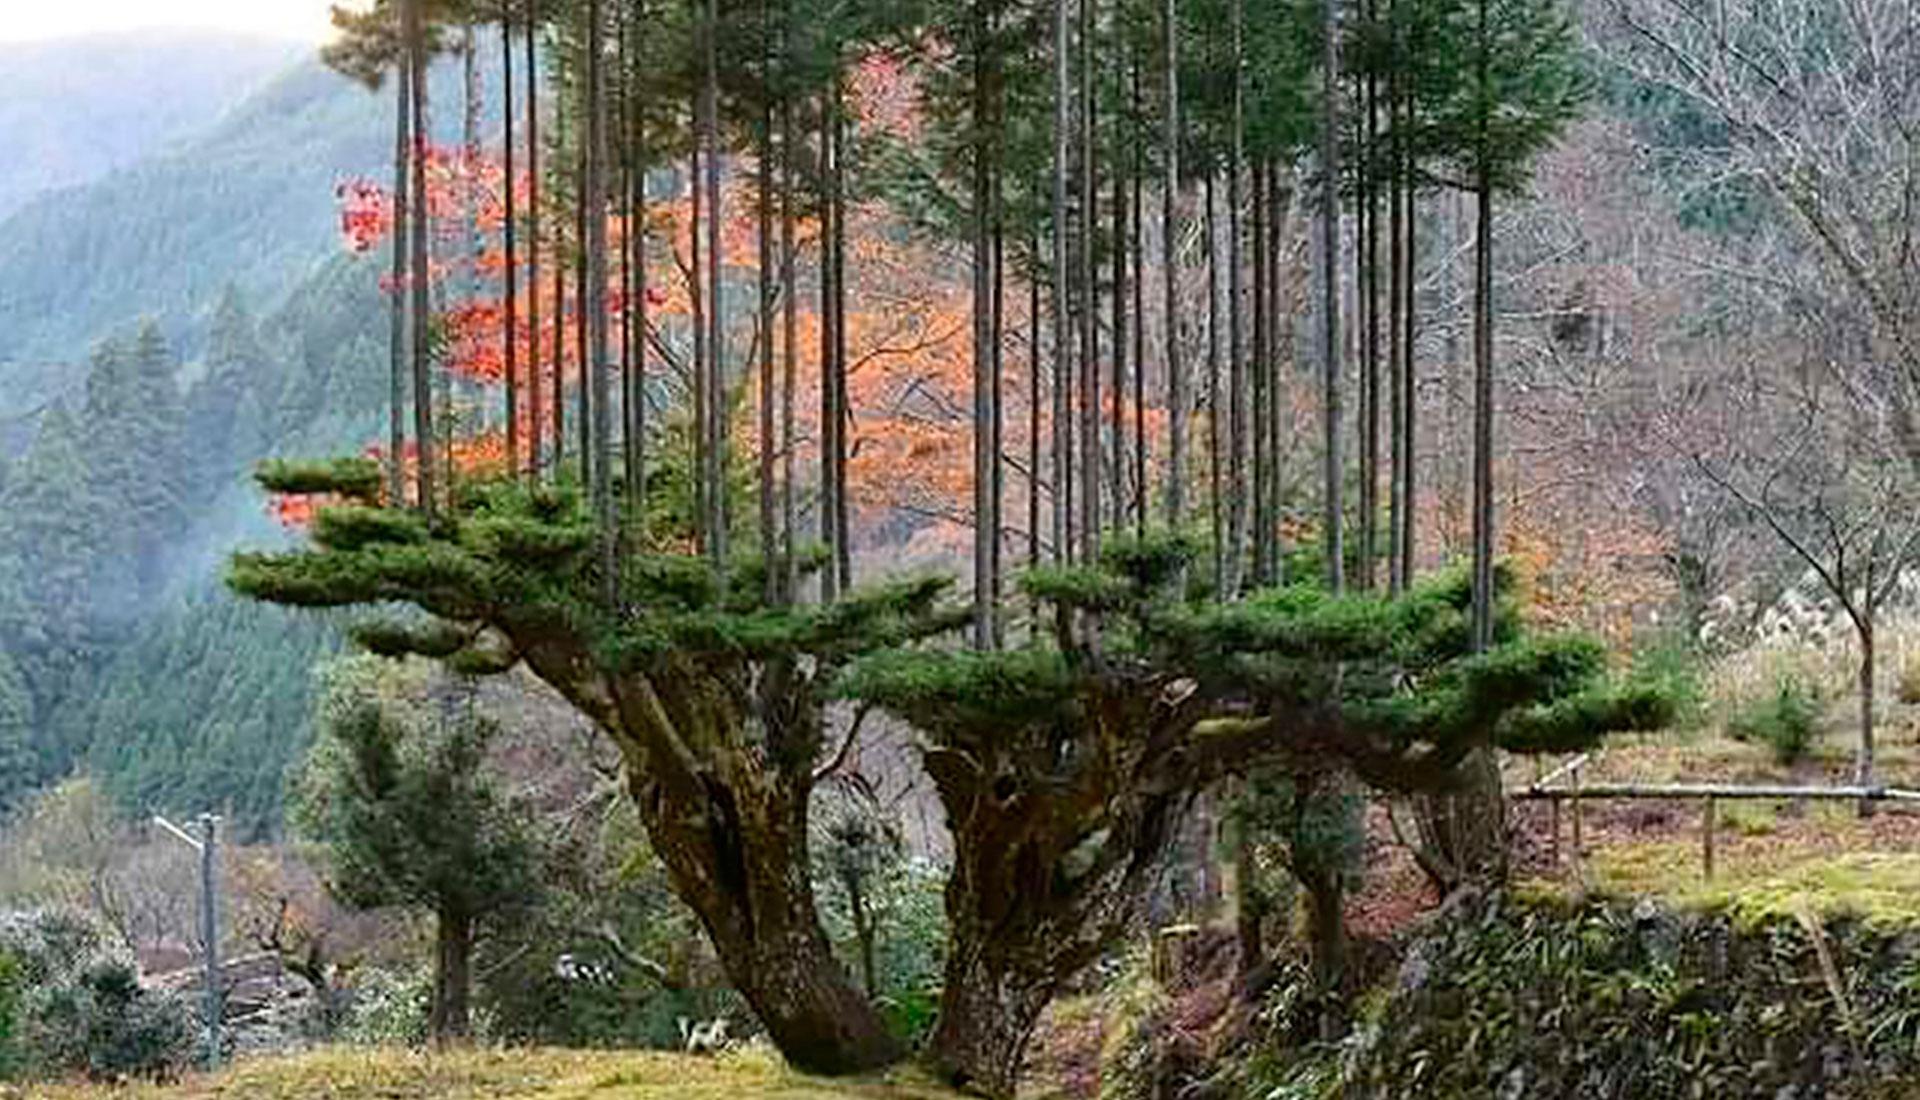 Японская технология дайсуги: древесина без вырубки